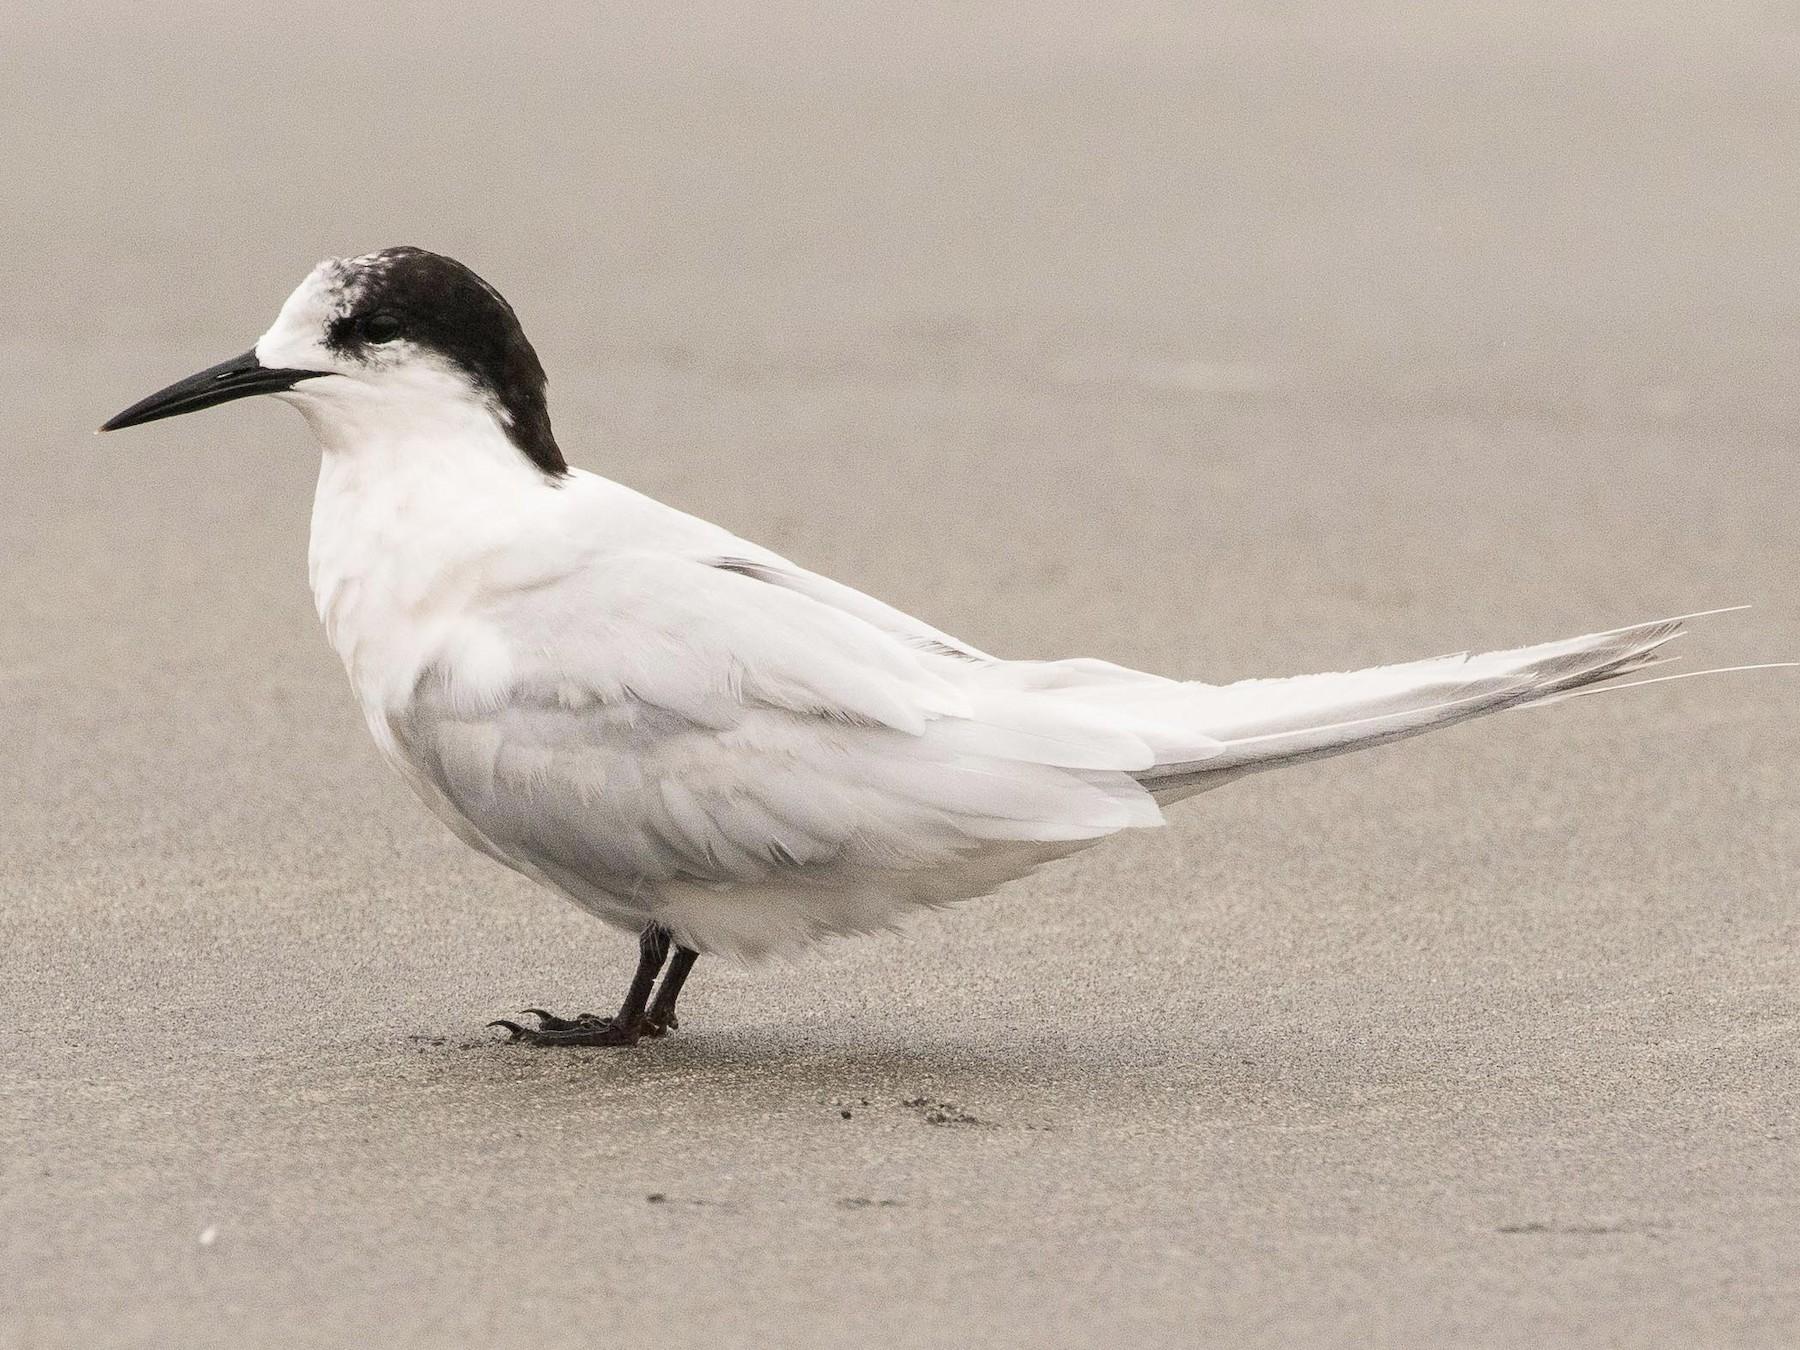 White-fronted Tern - Eric VanderWerf